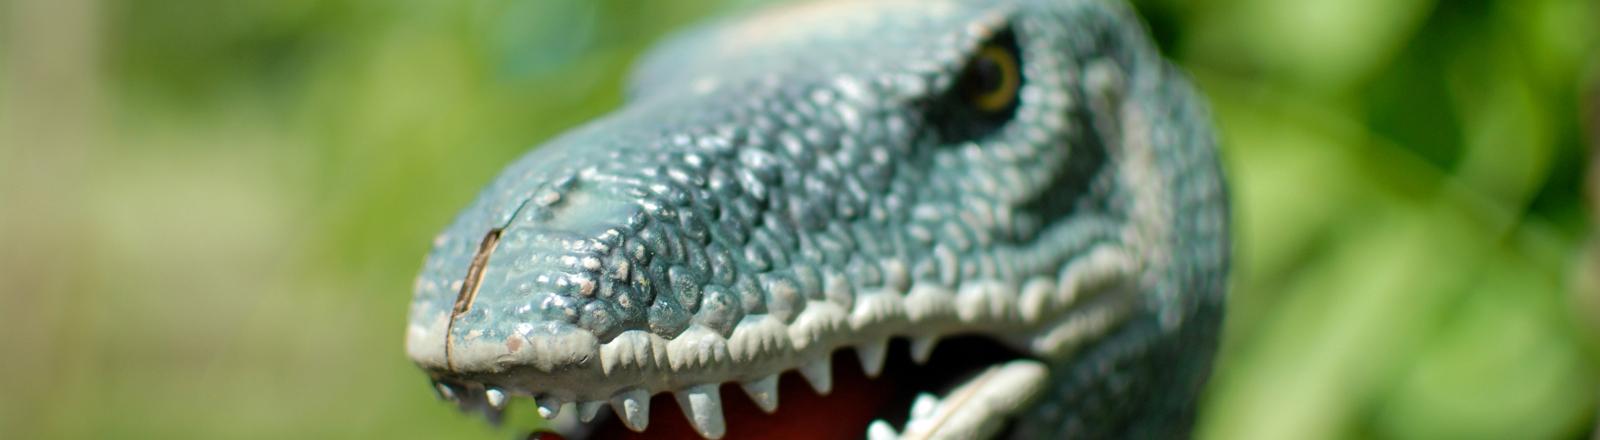 Plastikkopf eines Dinosauriers